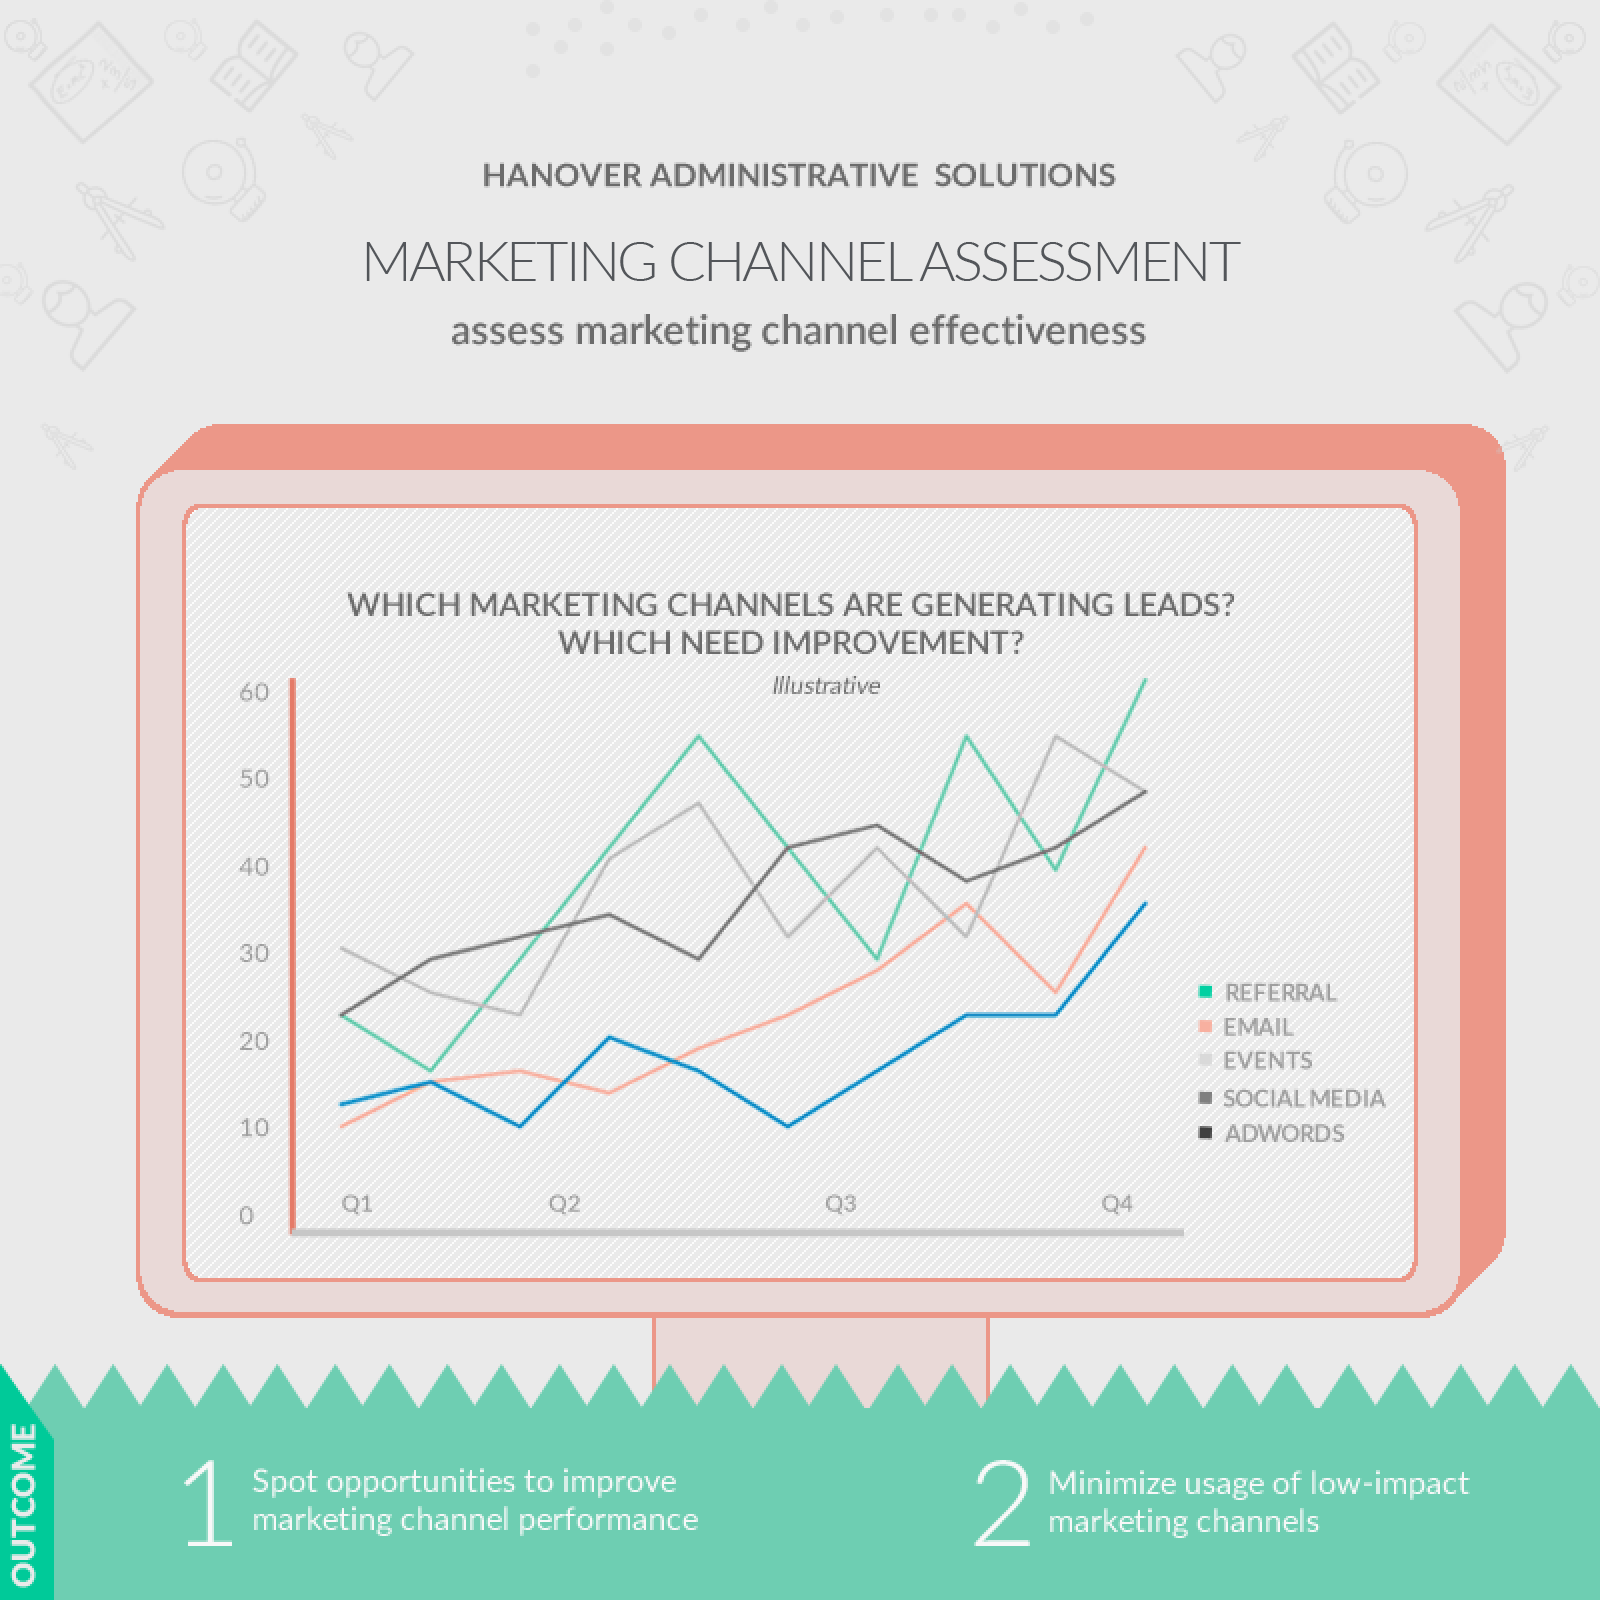 screenshot: marketing channel assessment